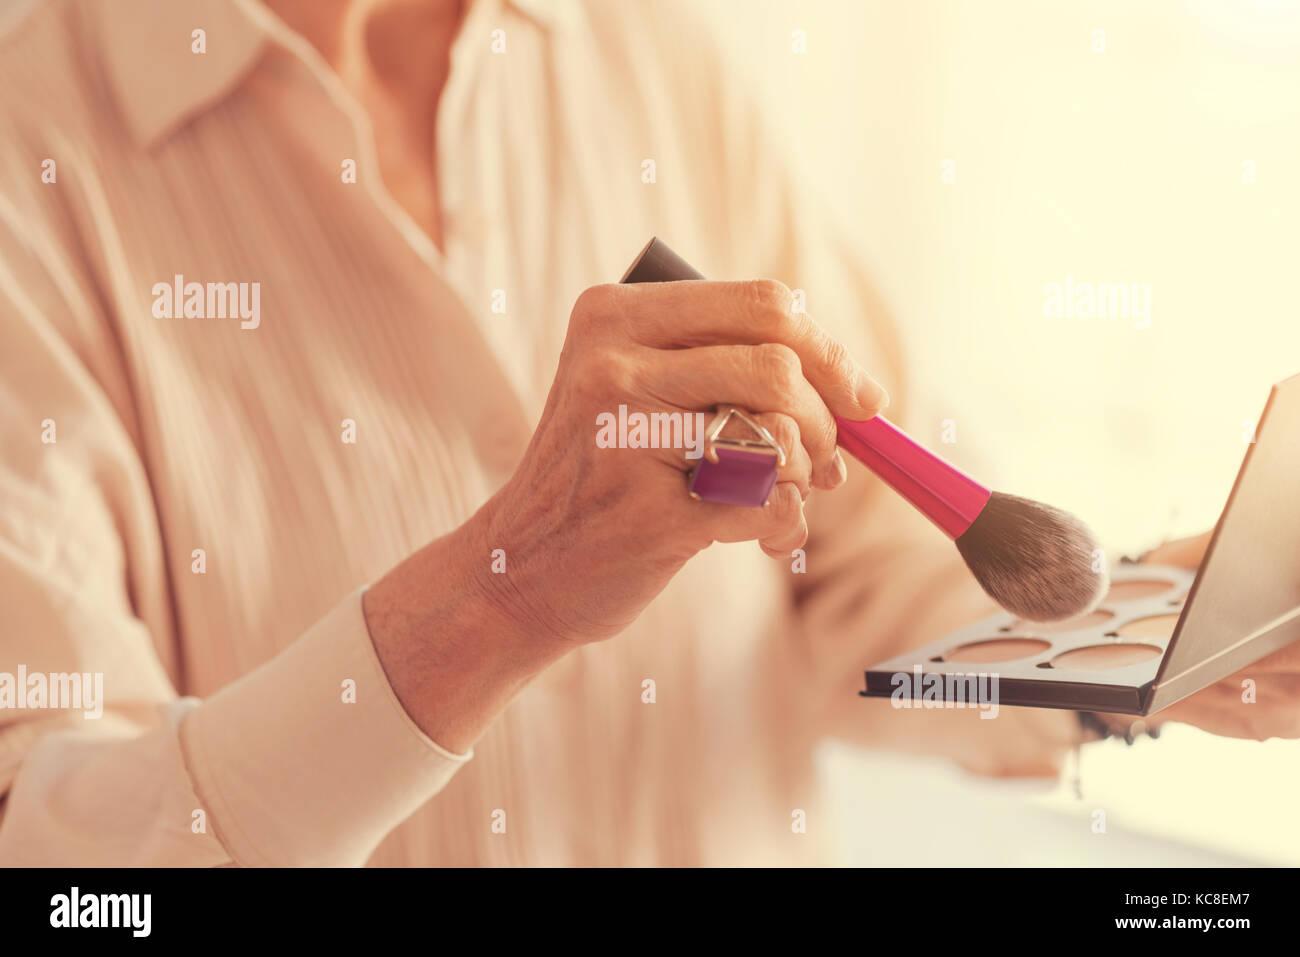 Nahaufnahme der Powder Brush in Händen eines schön gealterte Frau Stockbild